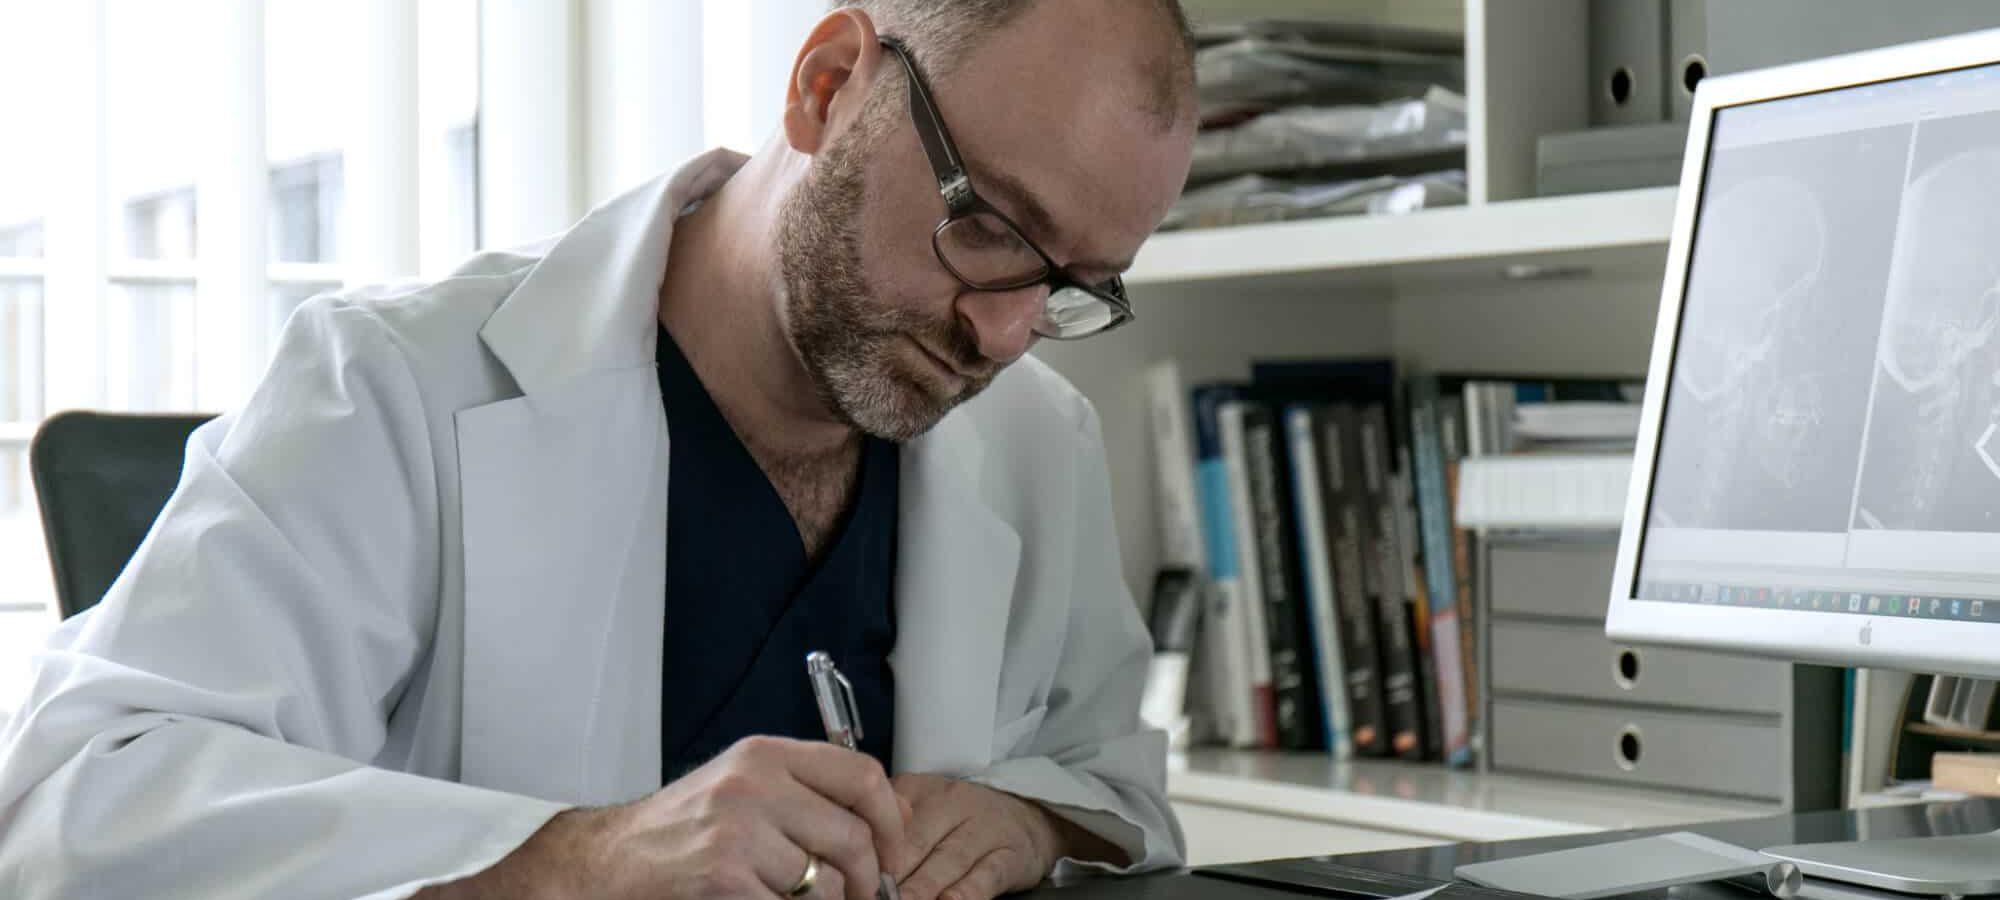 Dr. Groisman Implantologe | groisman & laube Frankfurt